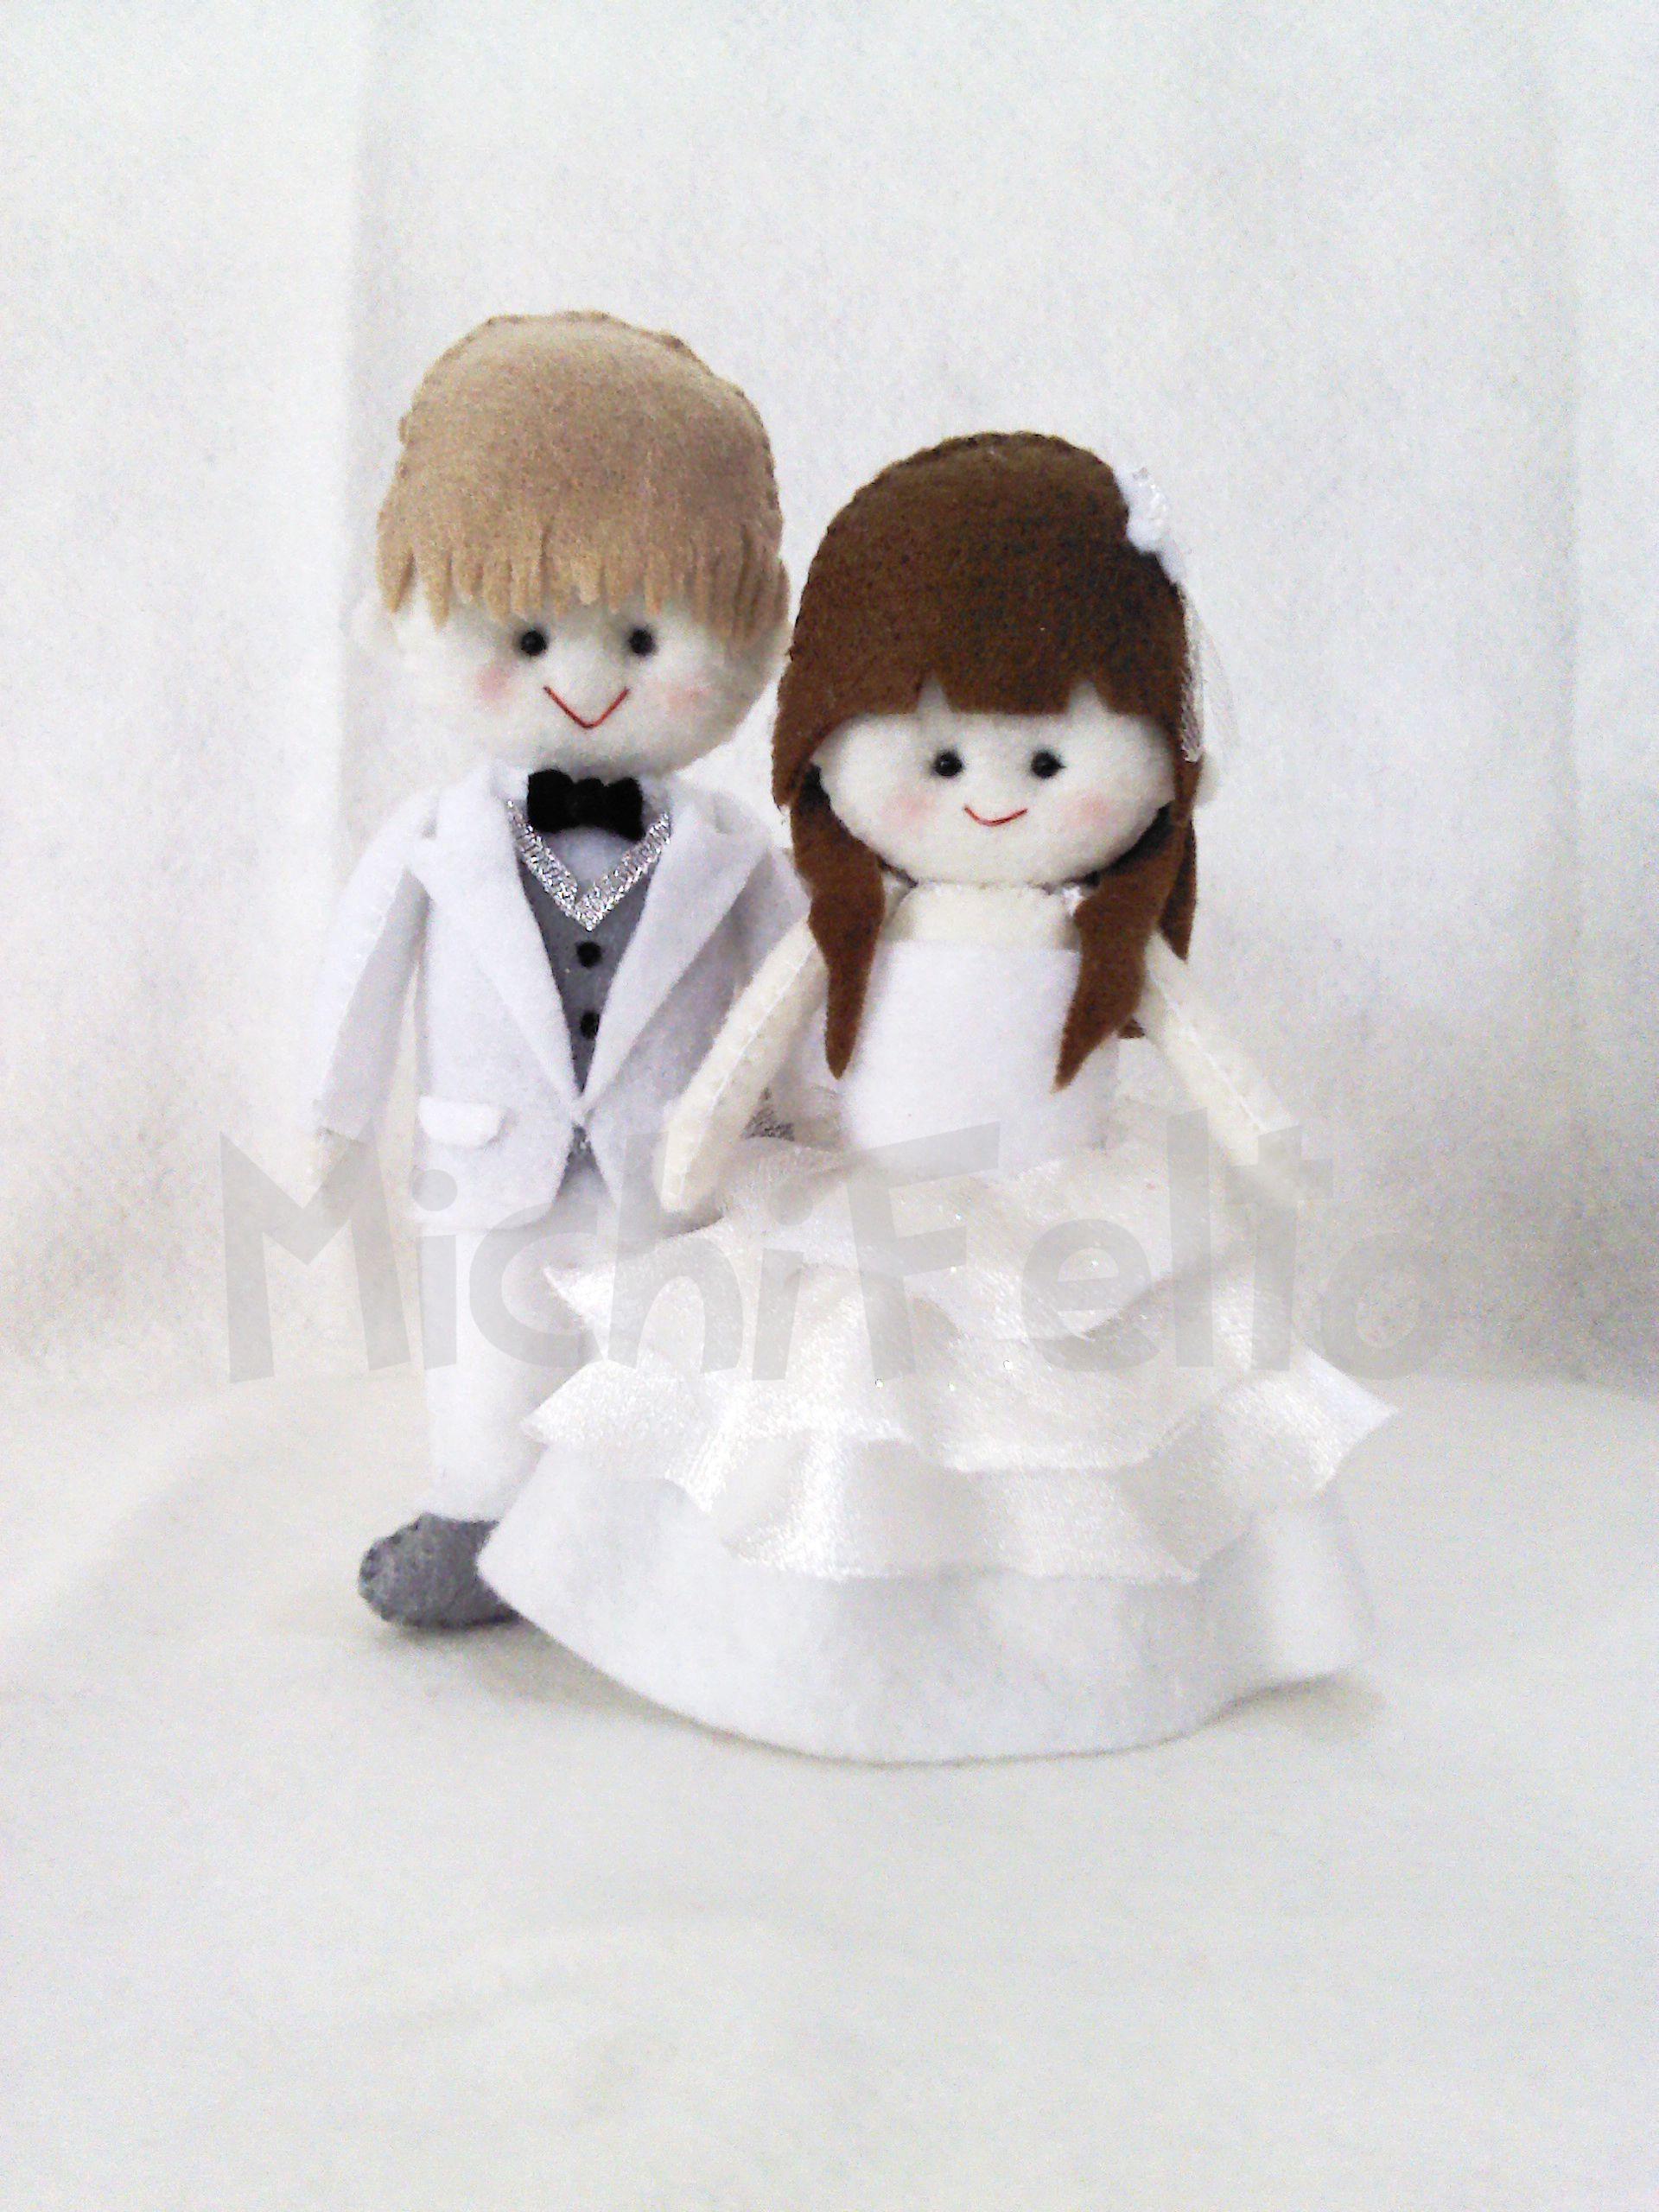 Cute Wedding Couple Dolls